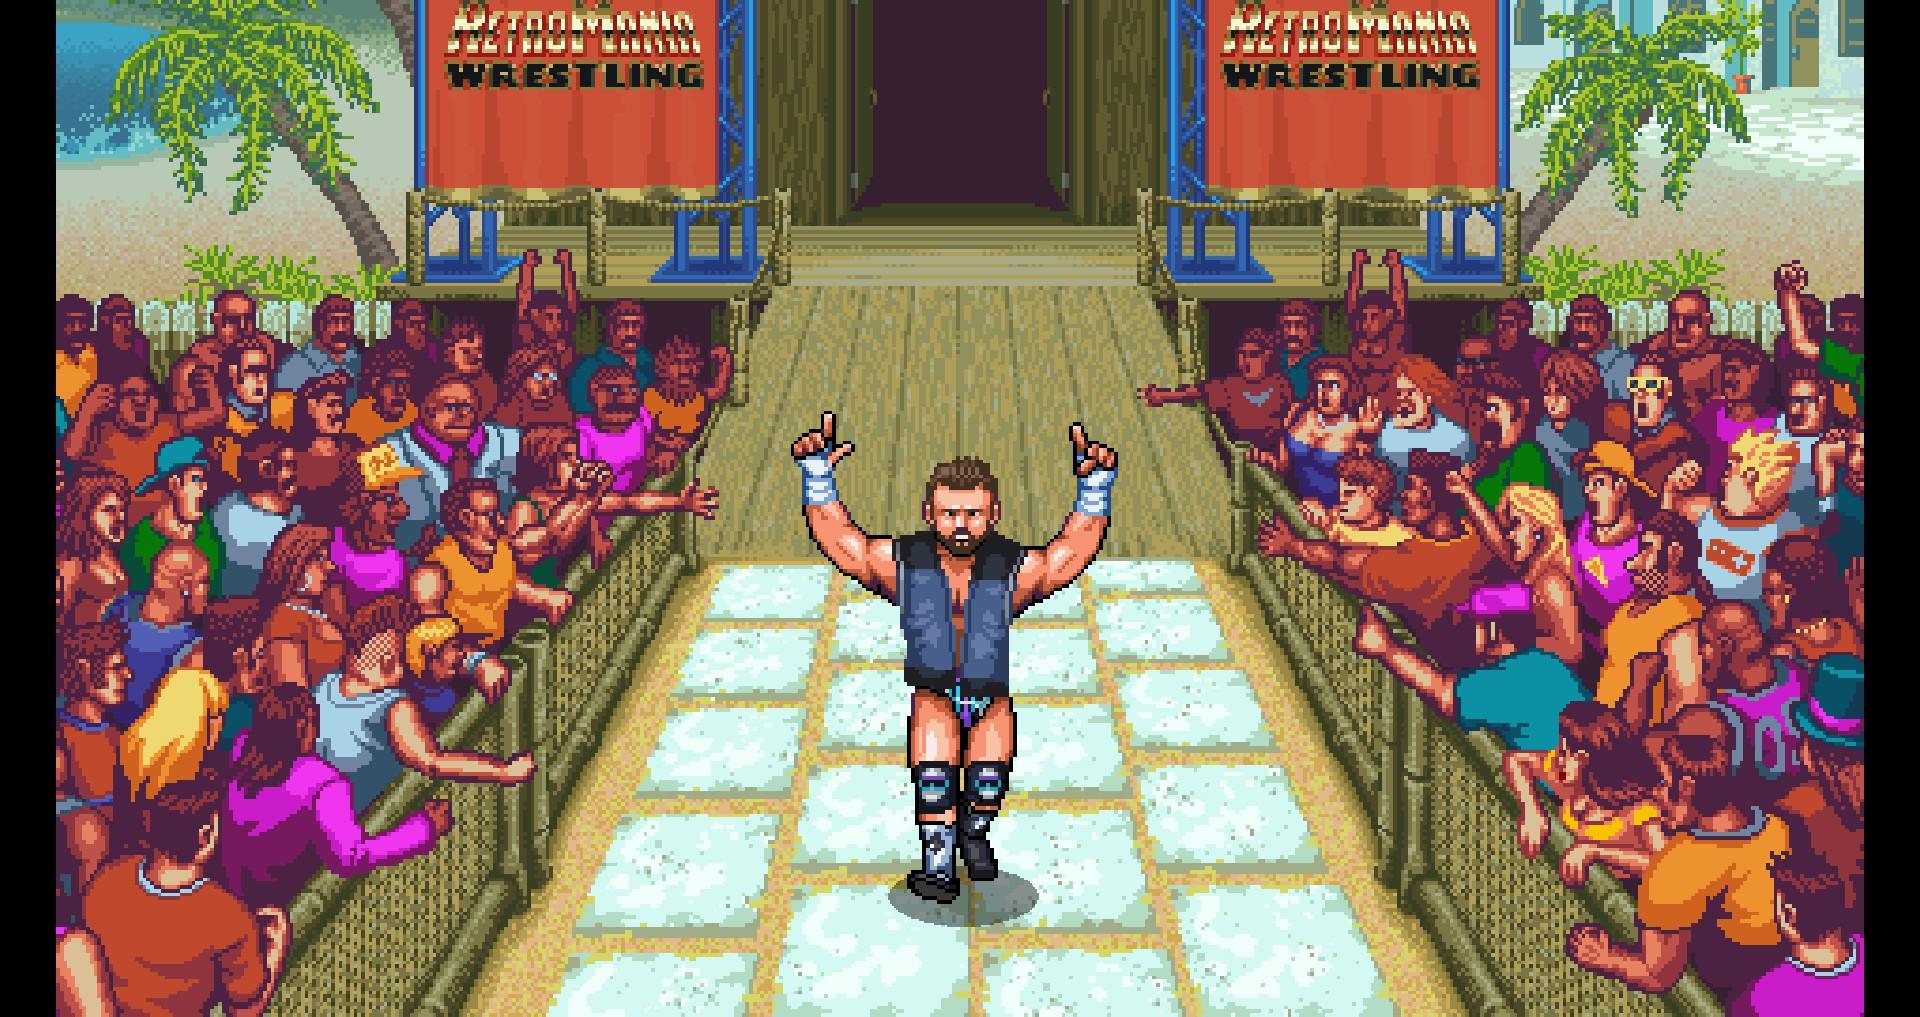 retromania wrestling review